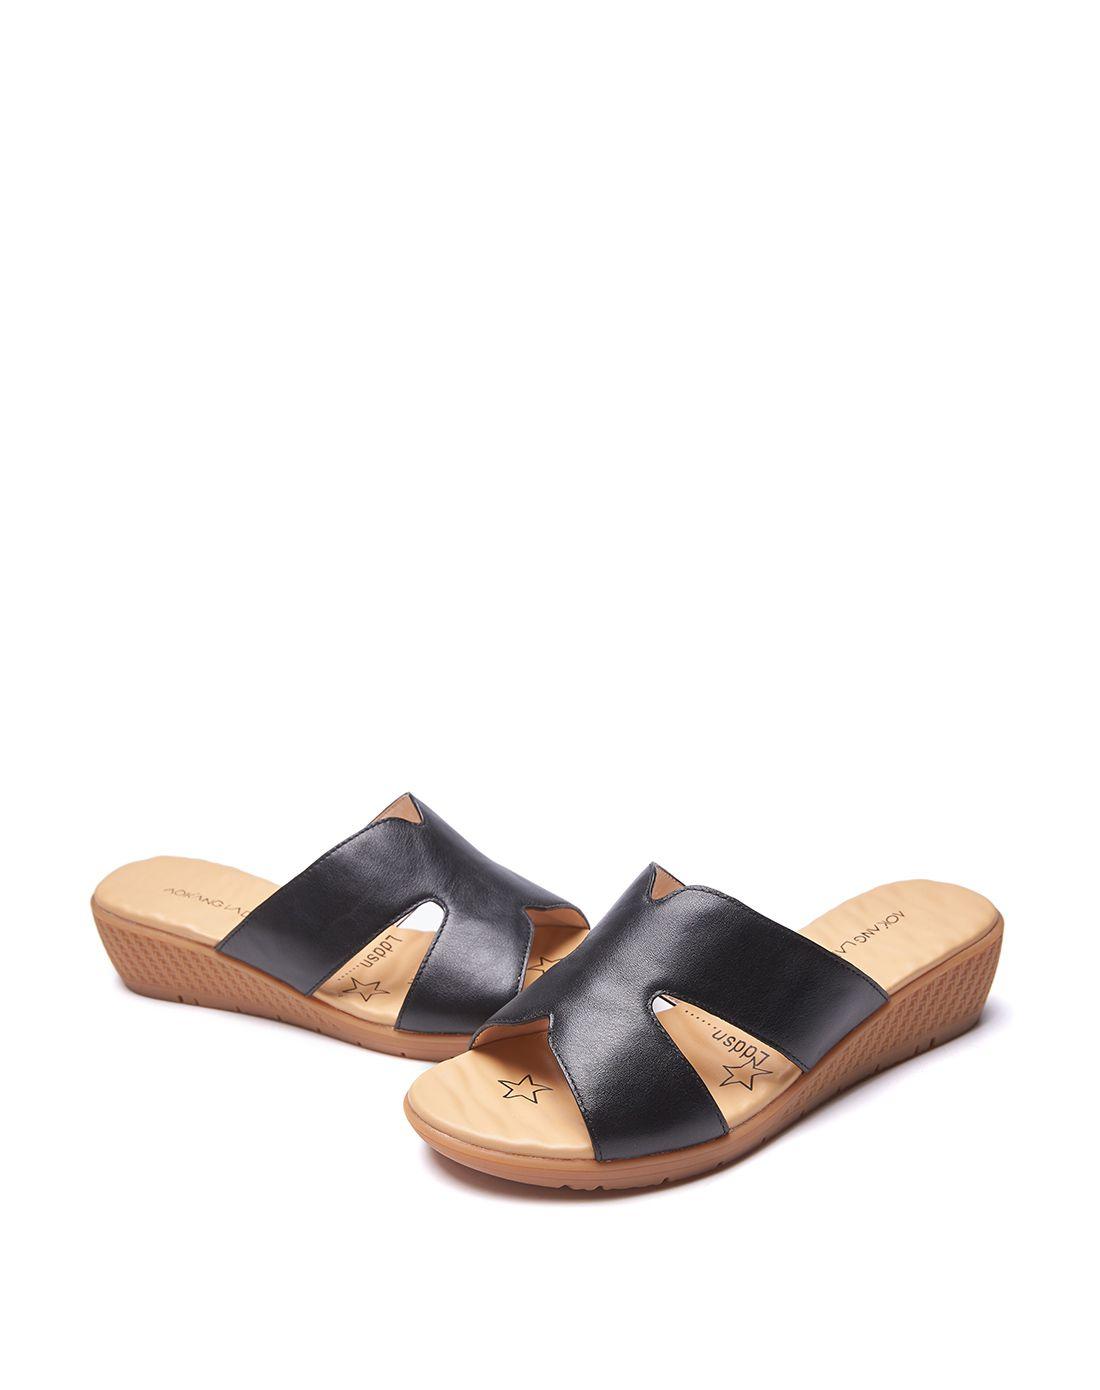 奥康女款黑色休闲女式拖鞋